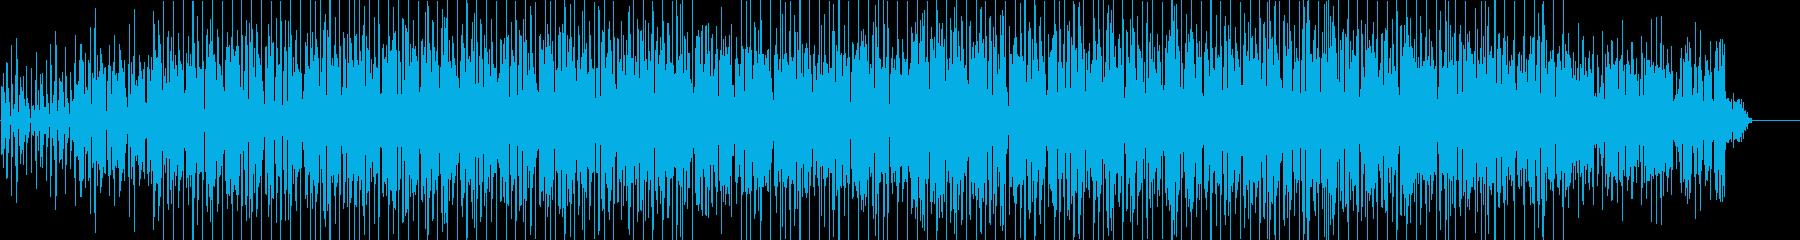 流行  おしゃれ 都会 淡々 躍動 情報の再生済みの波形